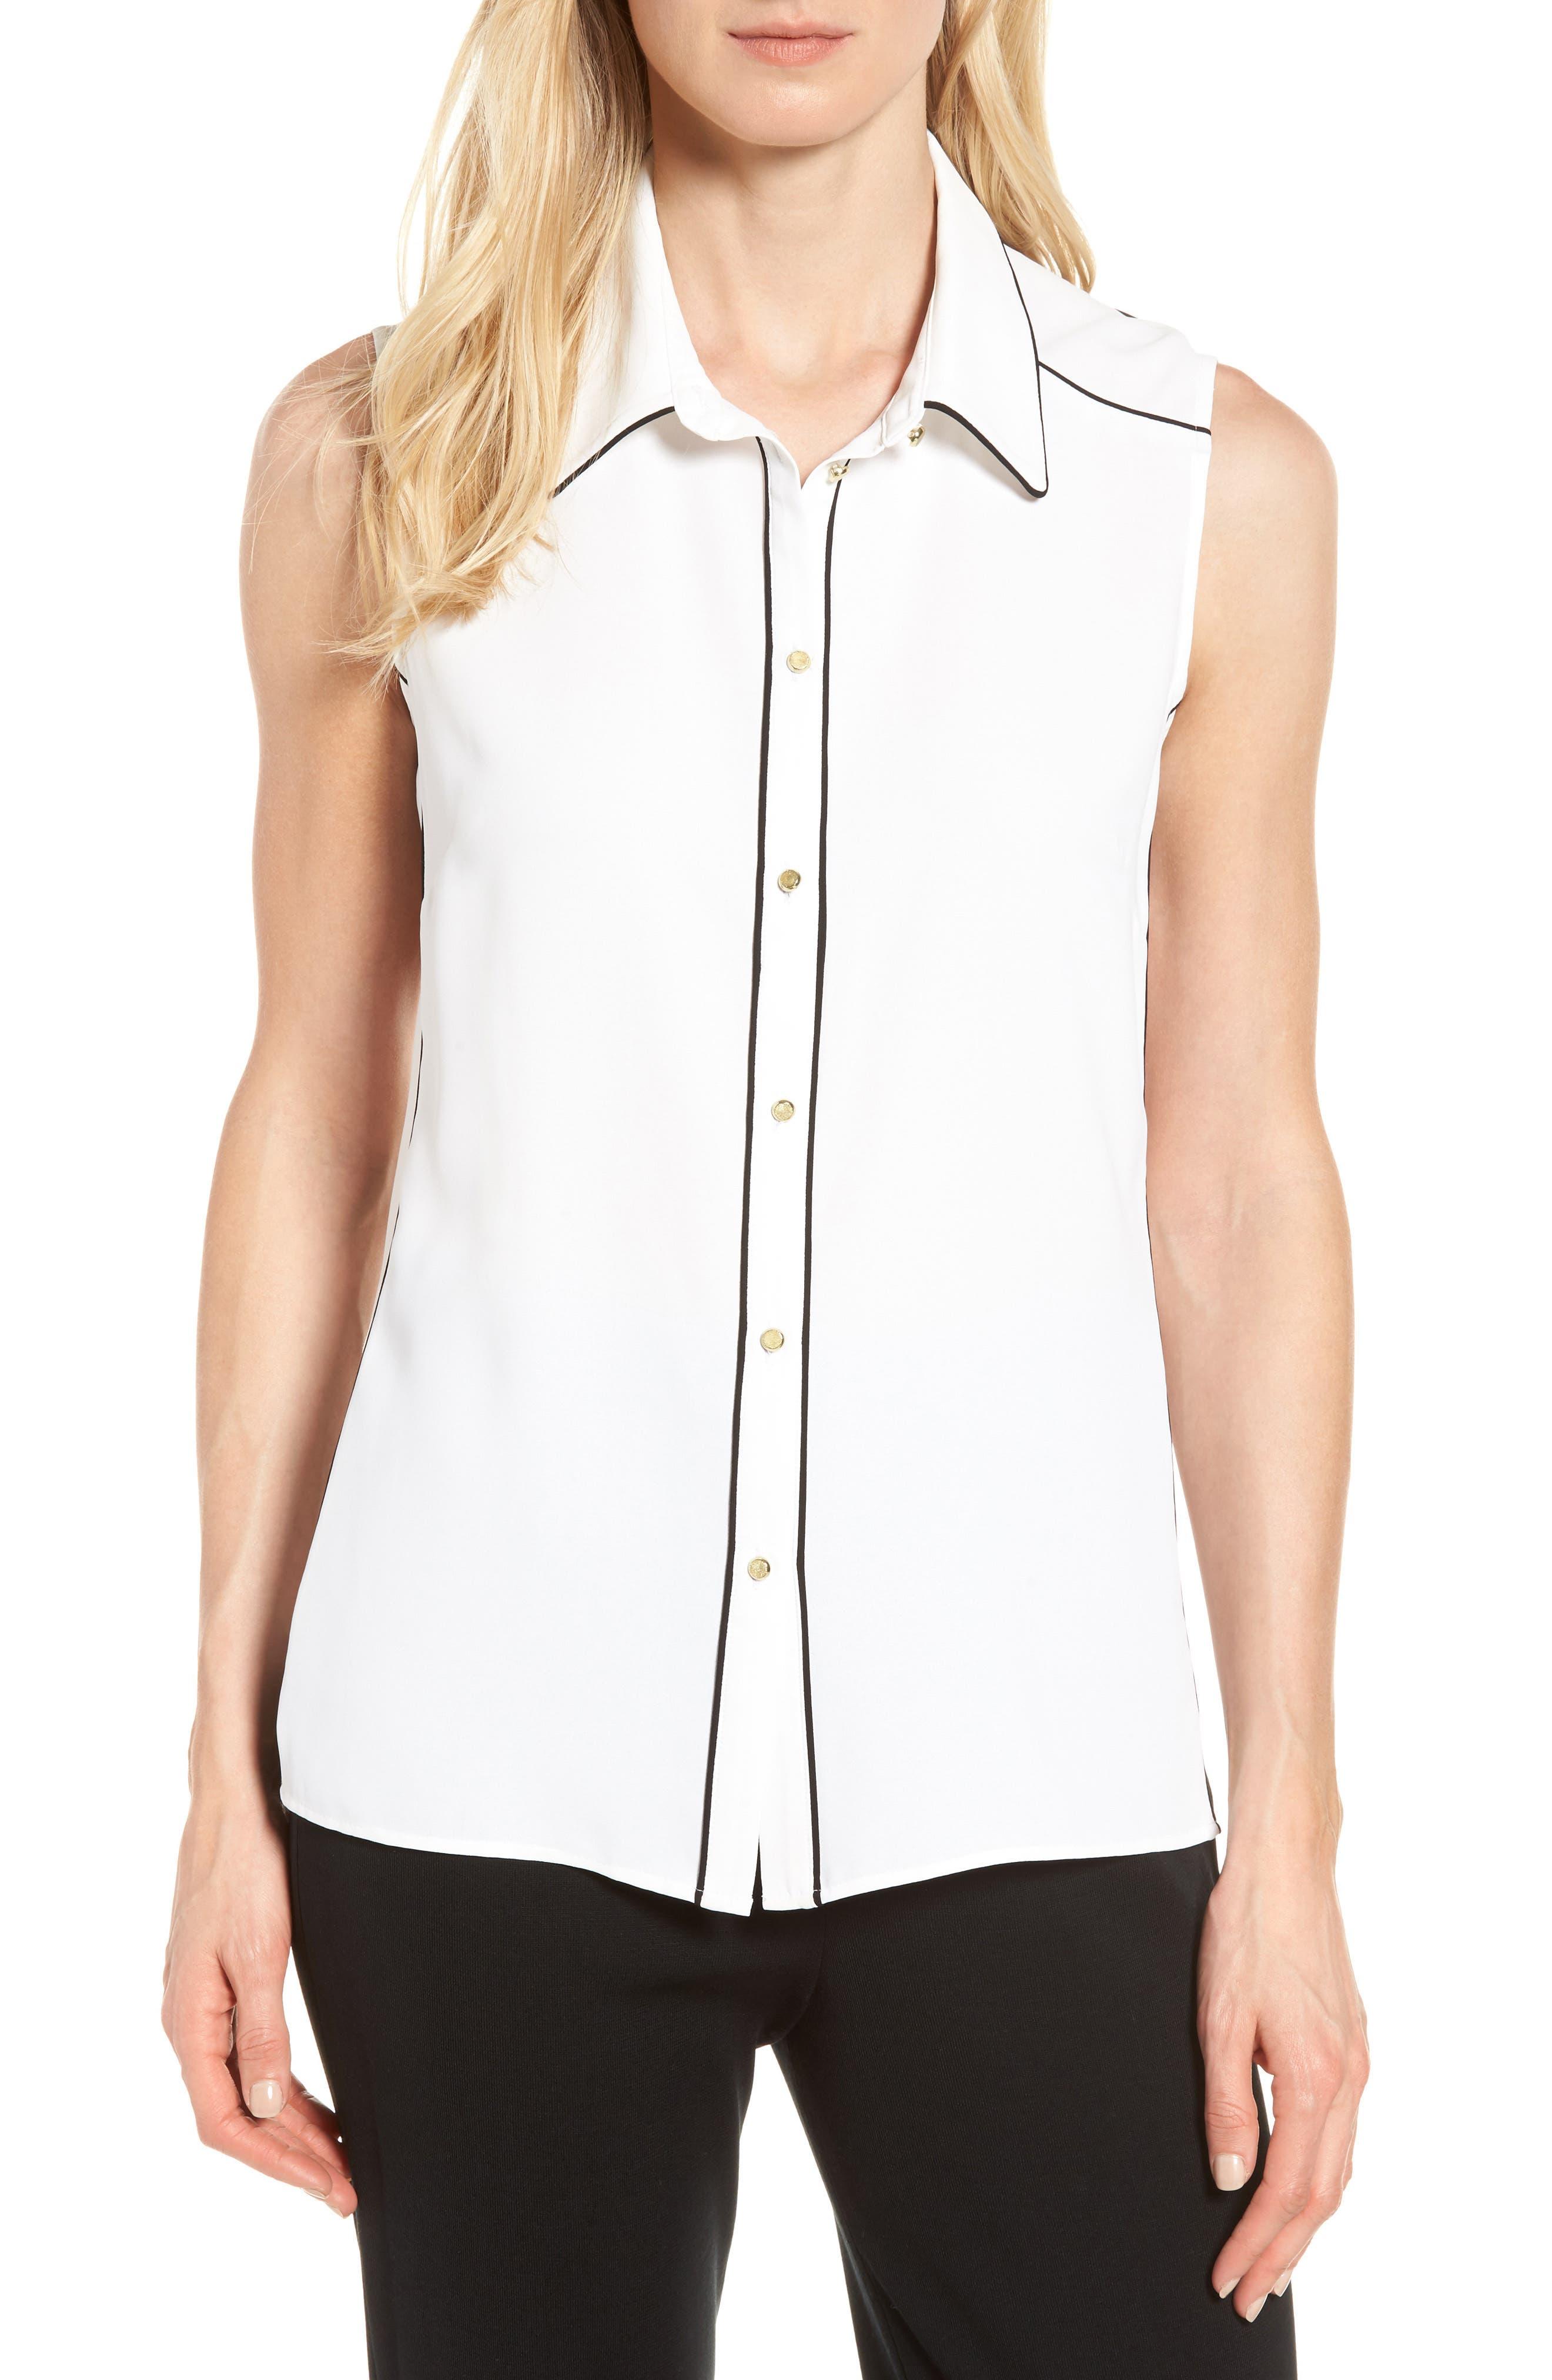 Contrast Trim Blouse,                         Main,                         color, White/ Black